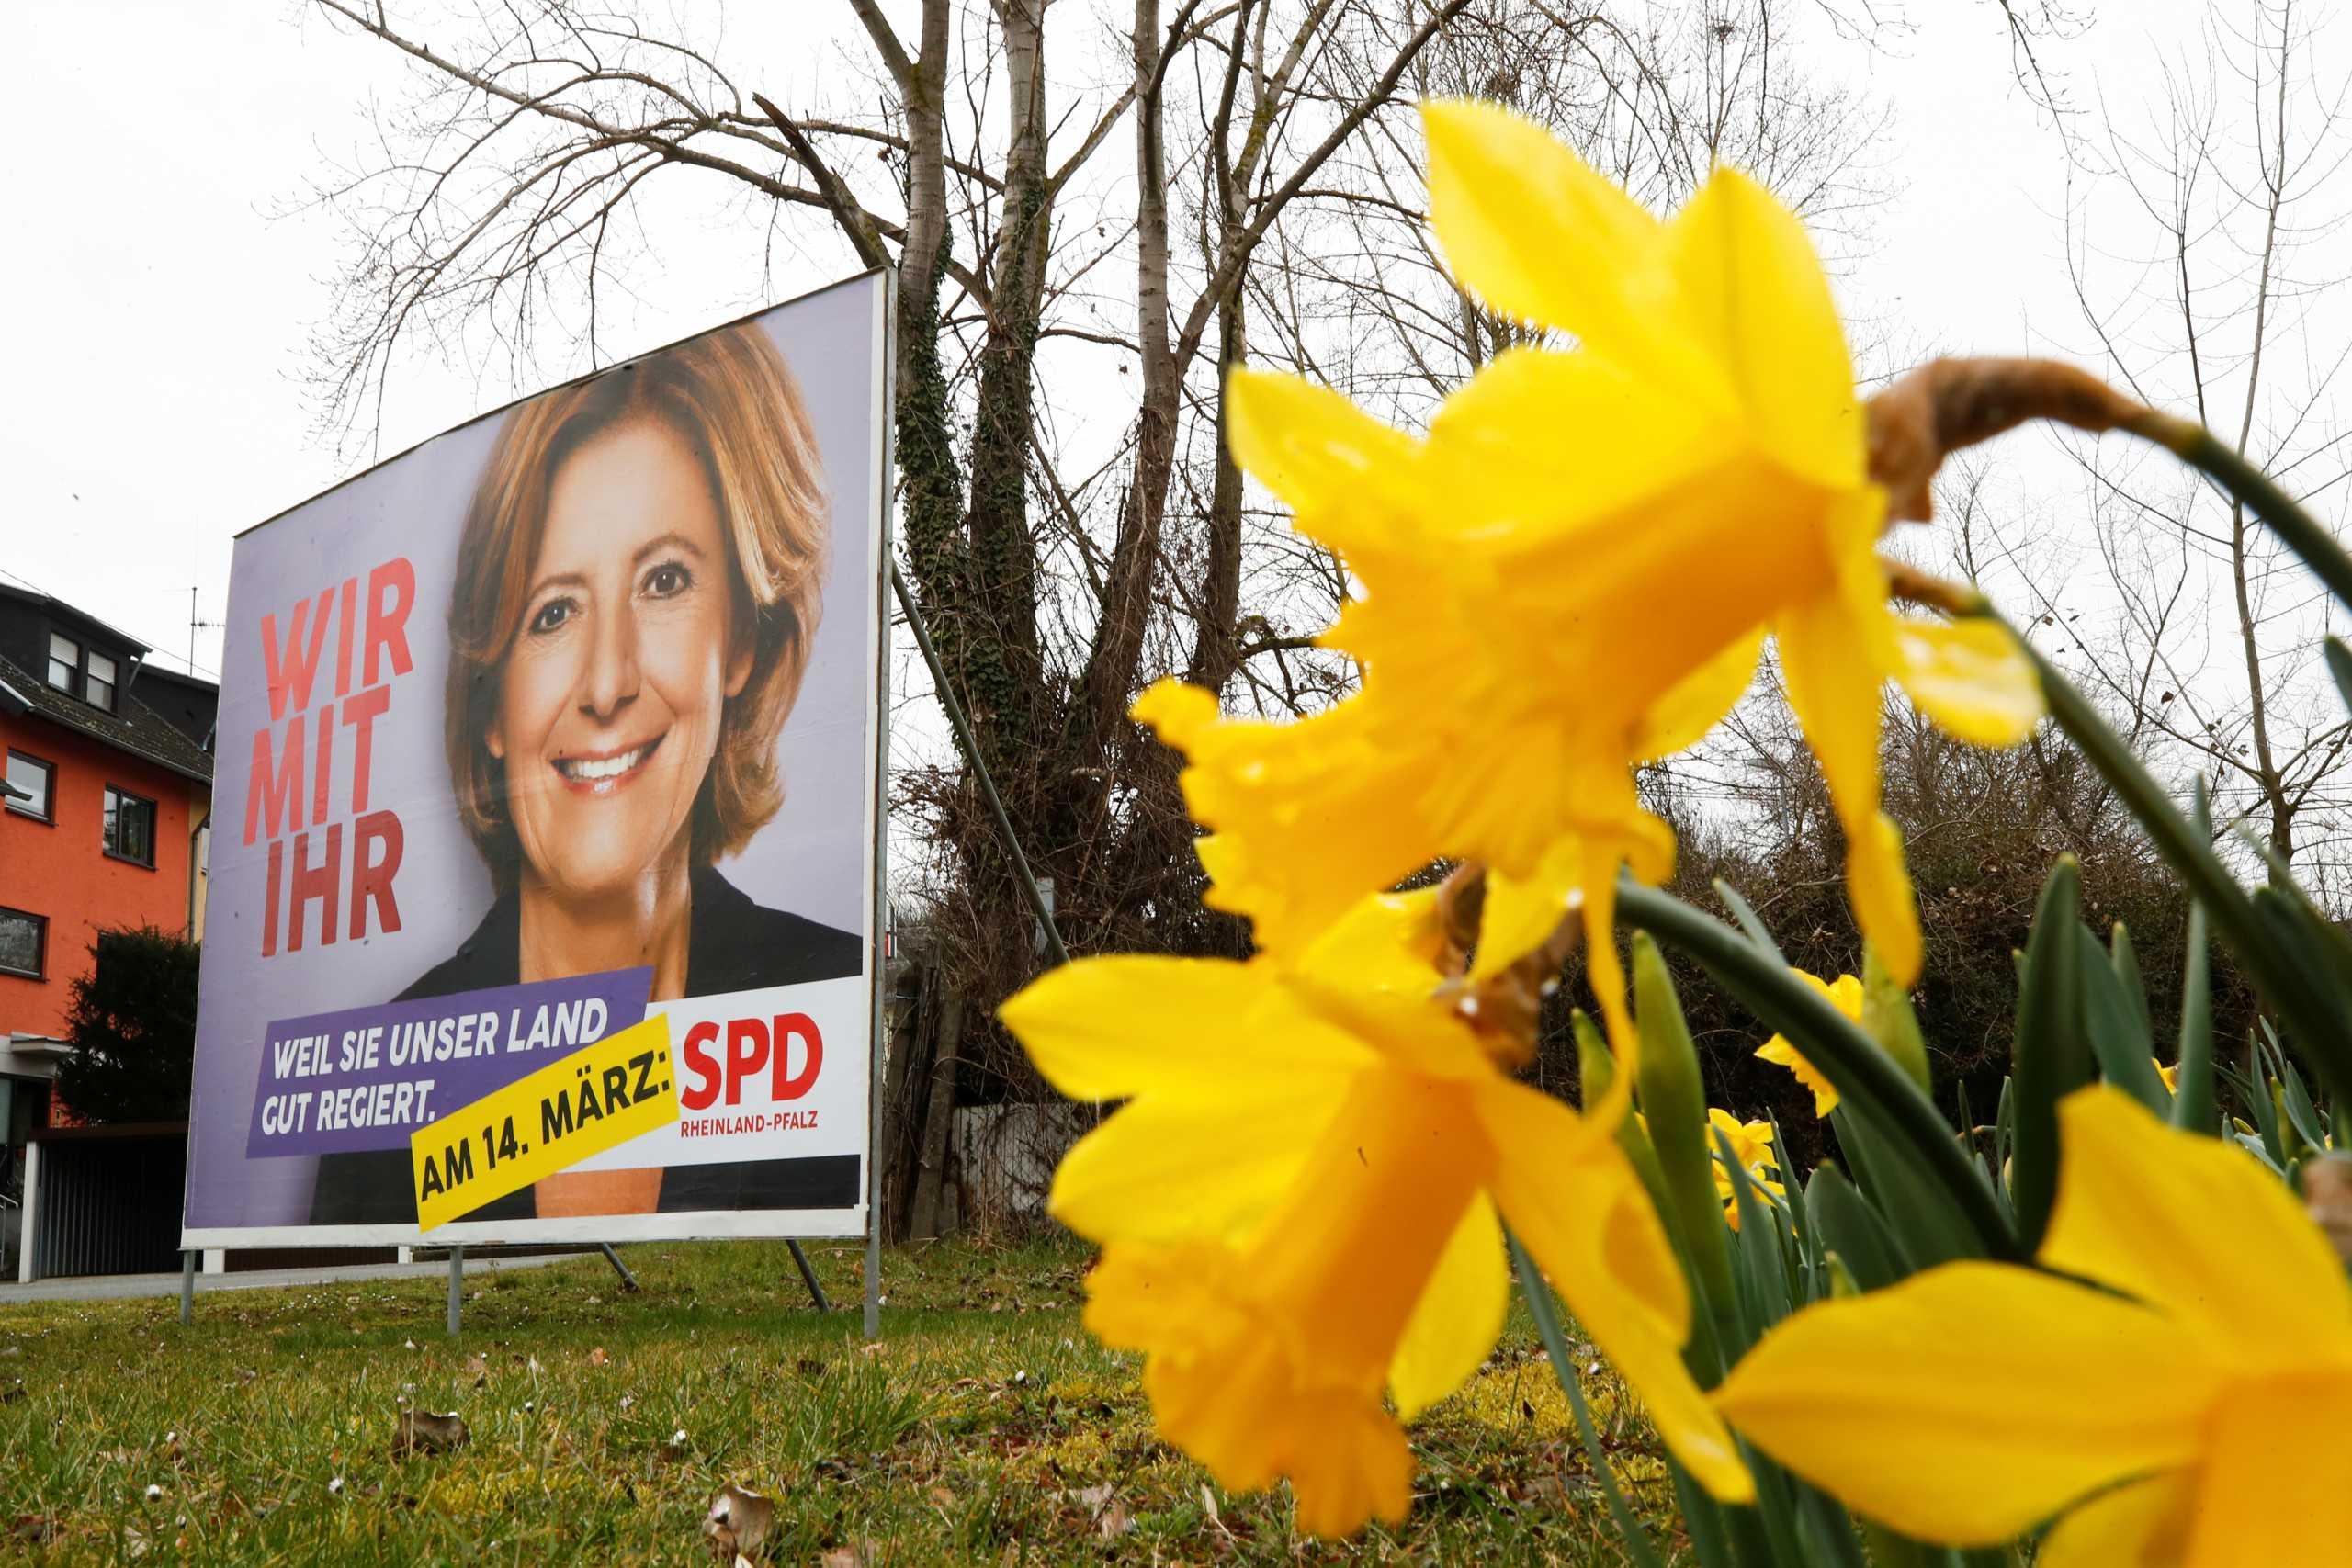 Κρίσιμες για CDU και SPD οι εκλογές σε Βάδη – Βυρτεμβέργη και Ρηνανία – Παλατινάτο